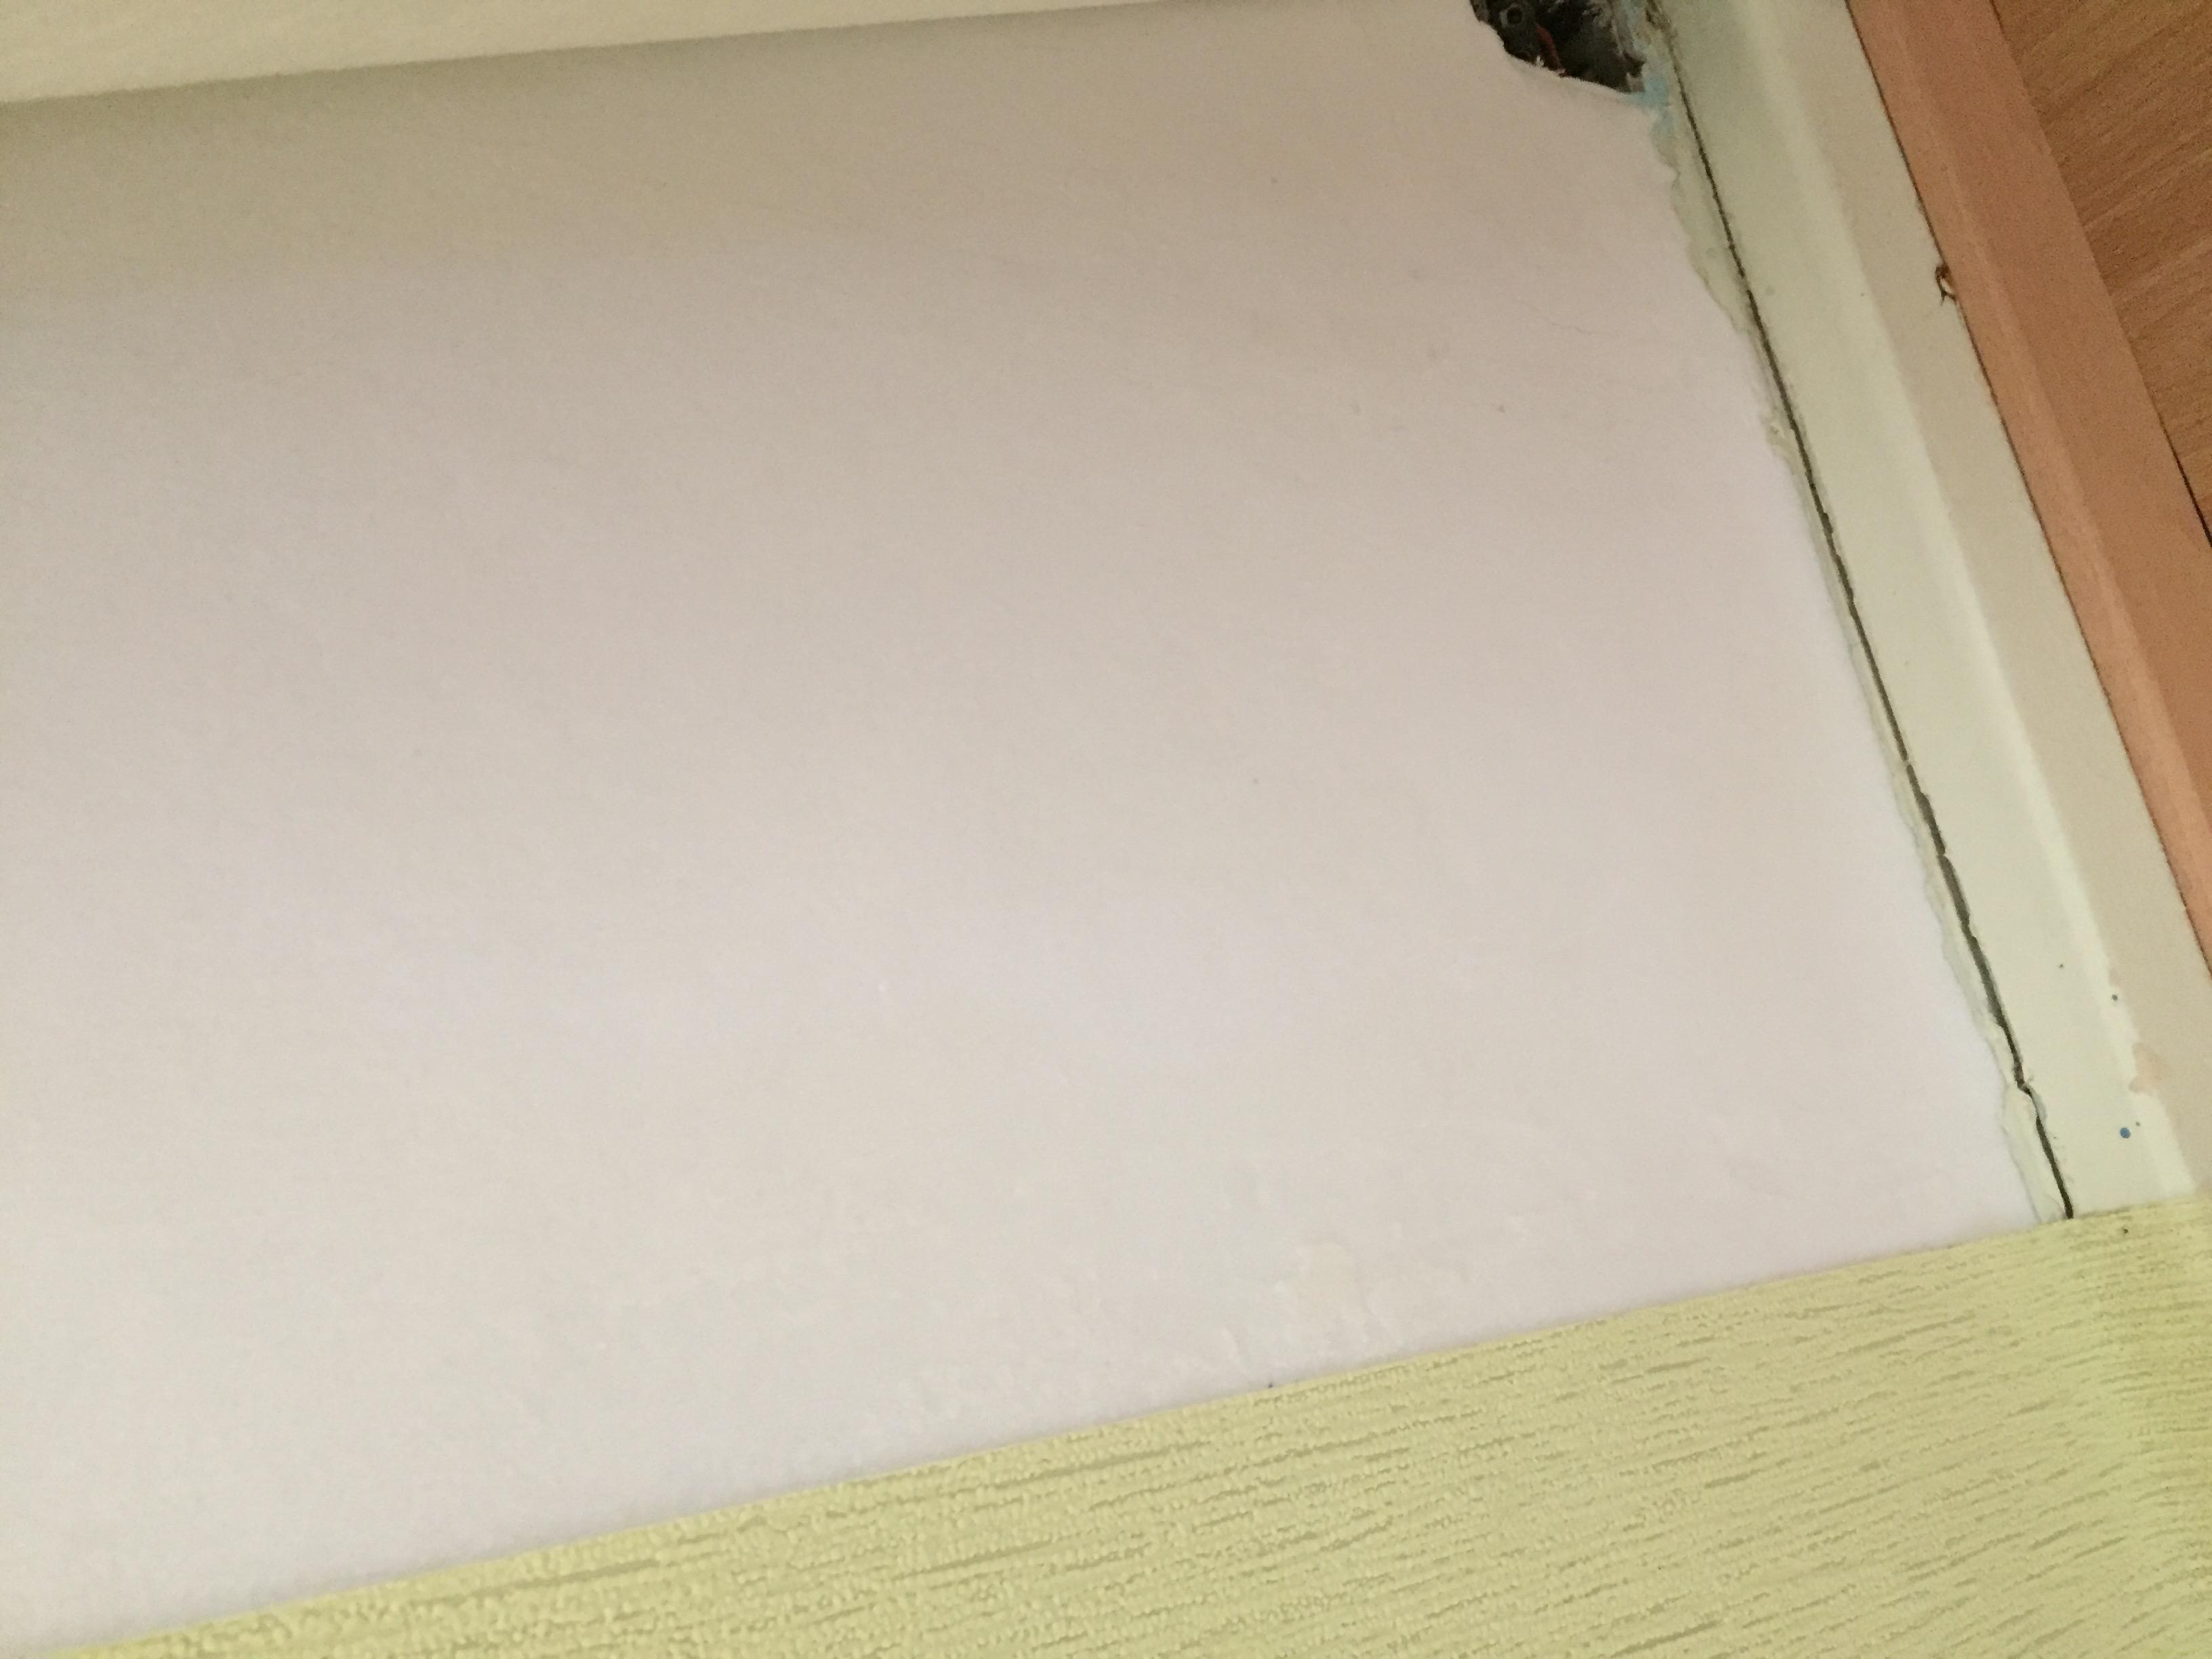 re re re peinture ou papier peint chambre en. Black Bedroom Furniture Sets. Home Design Ideas